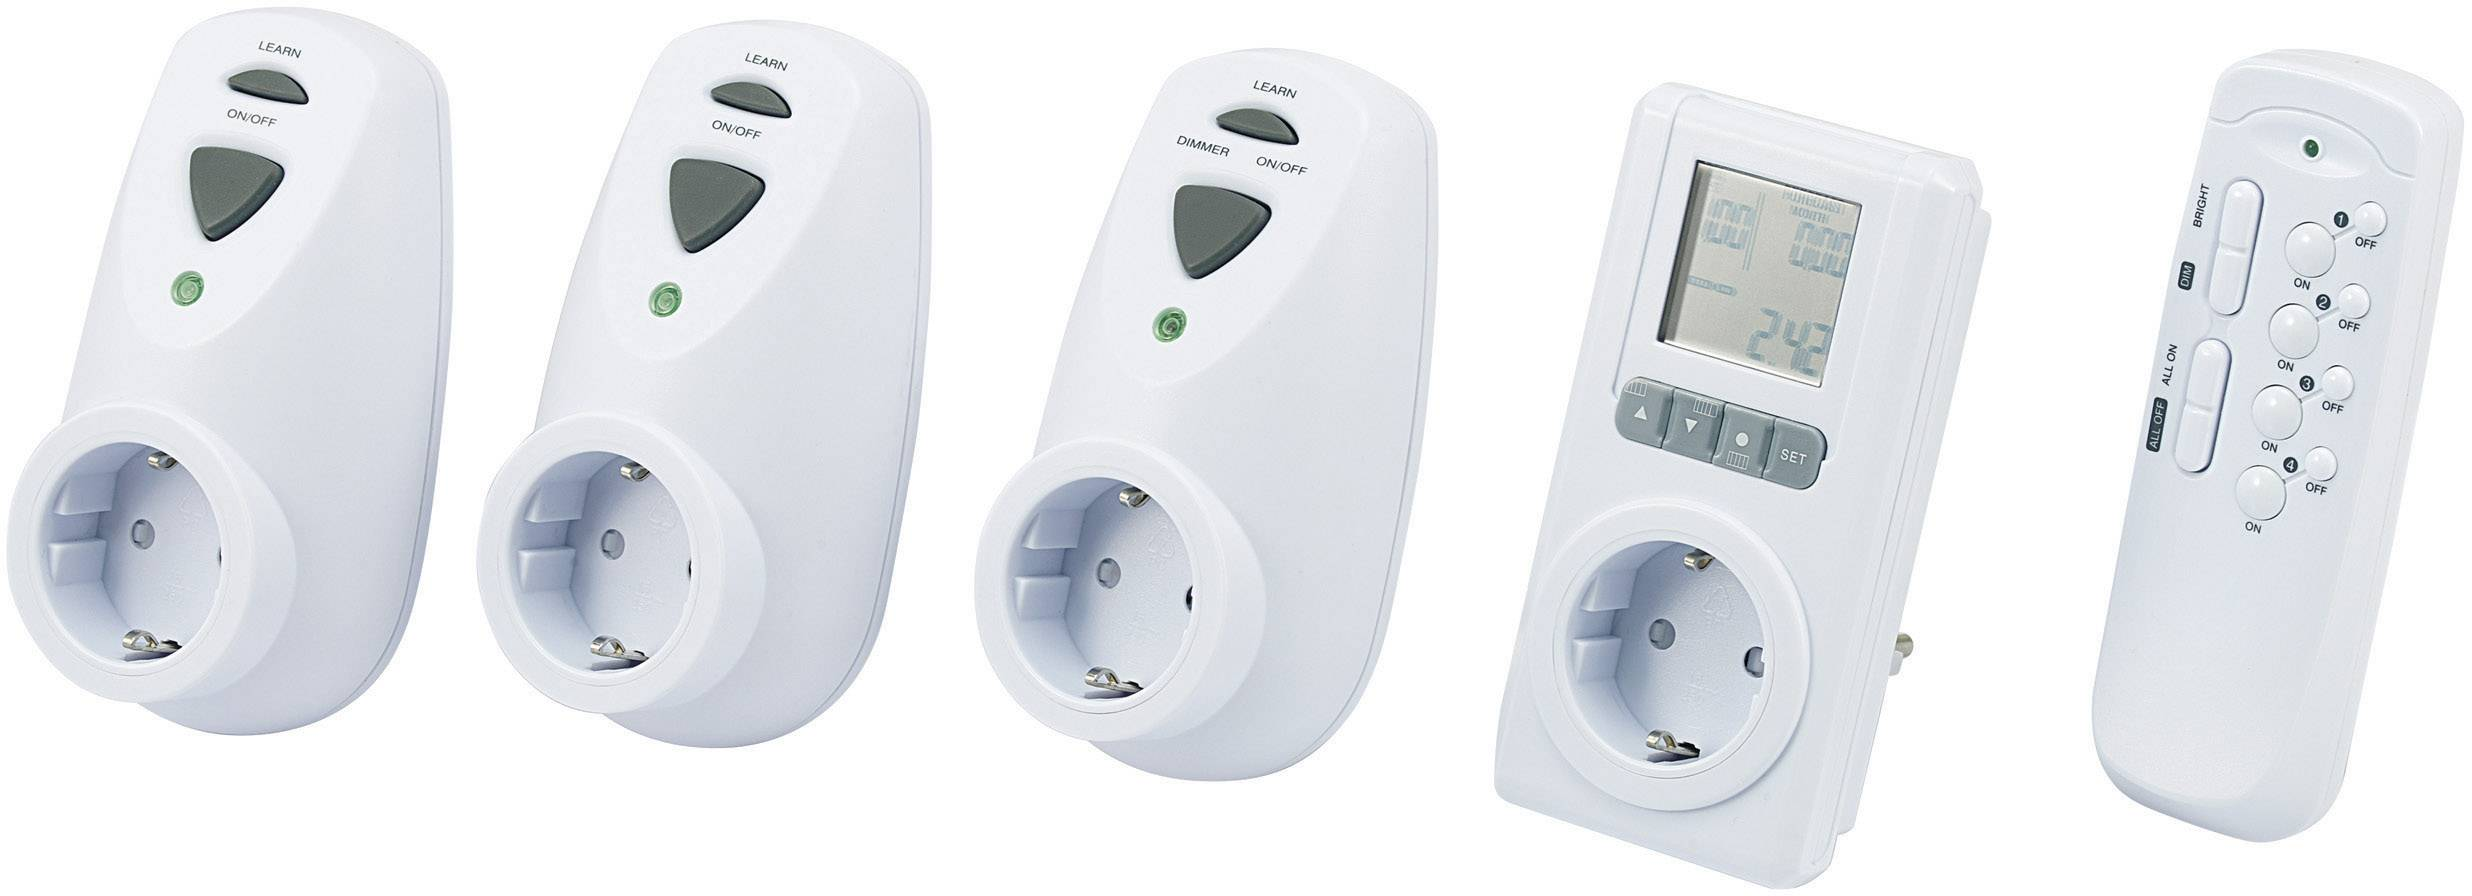 Sada meračov úspory energie do zásuvky Cost Control 3000